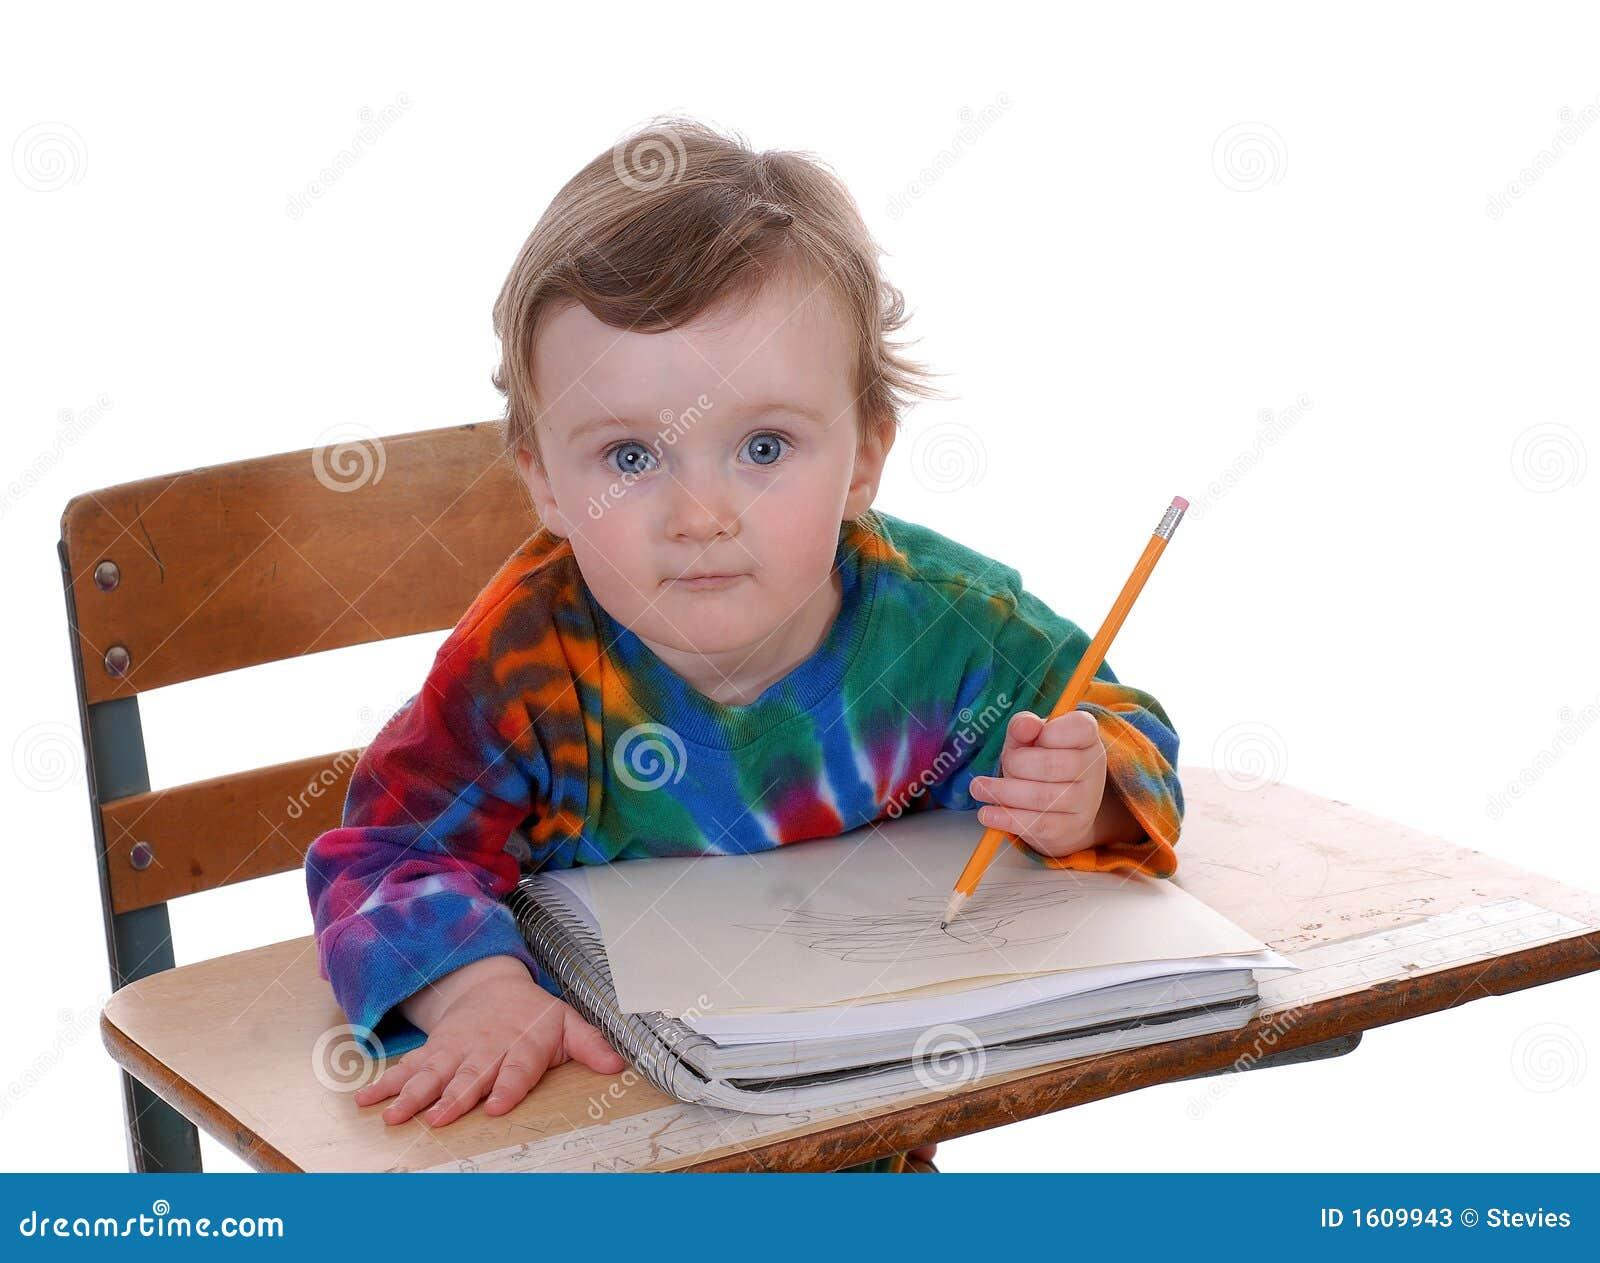 School Boy Sitting at Desk 1300 x 1043